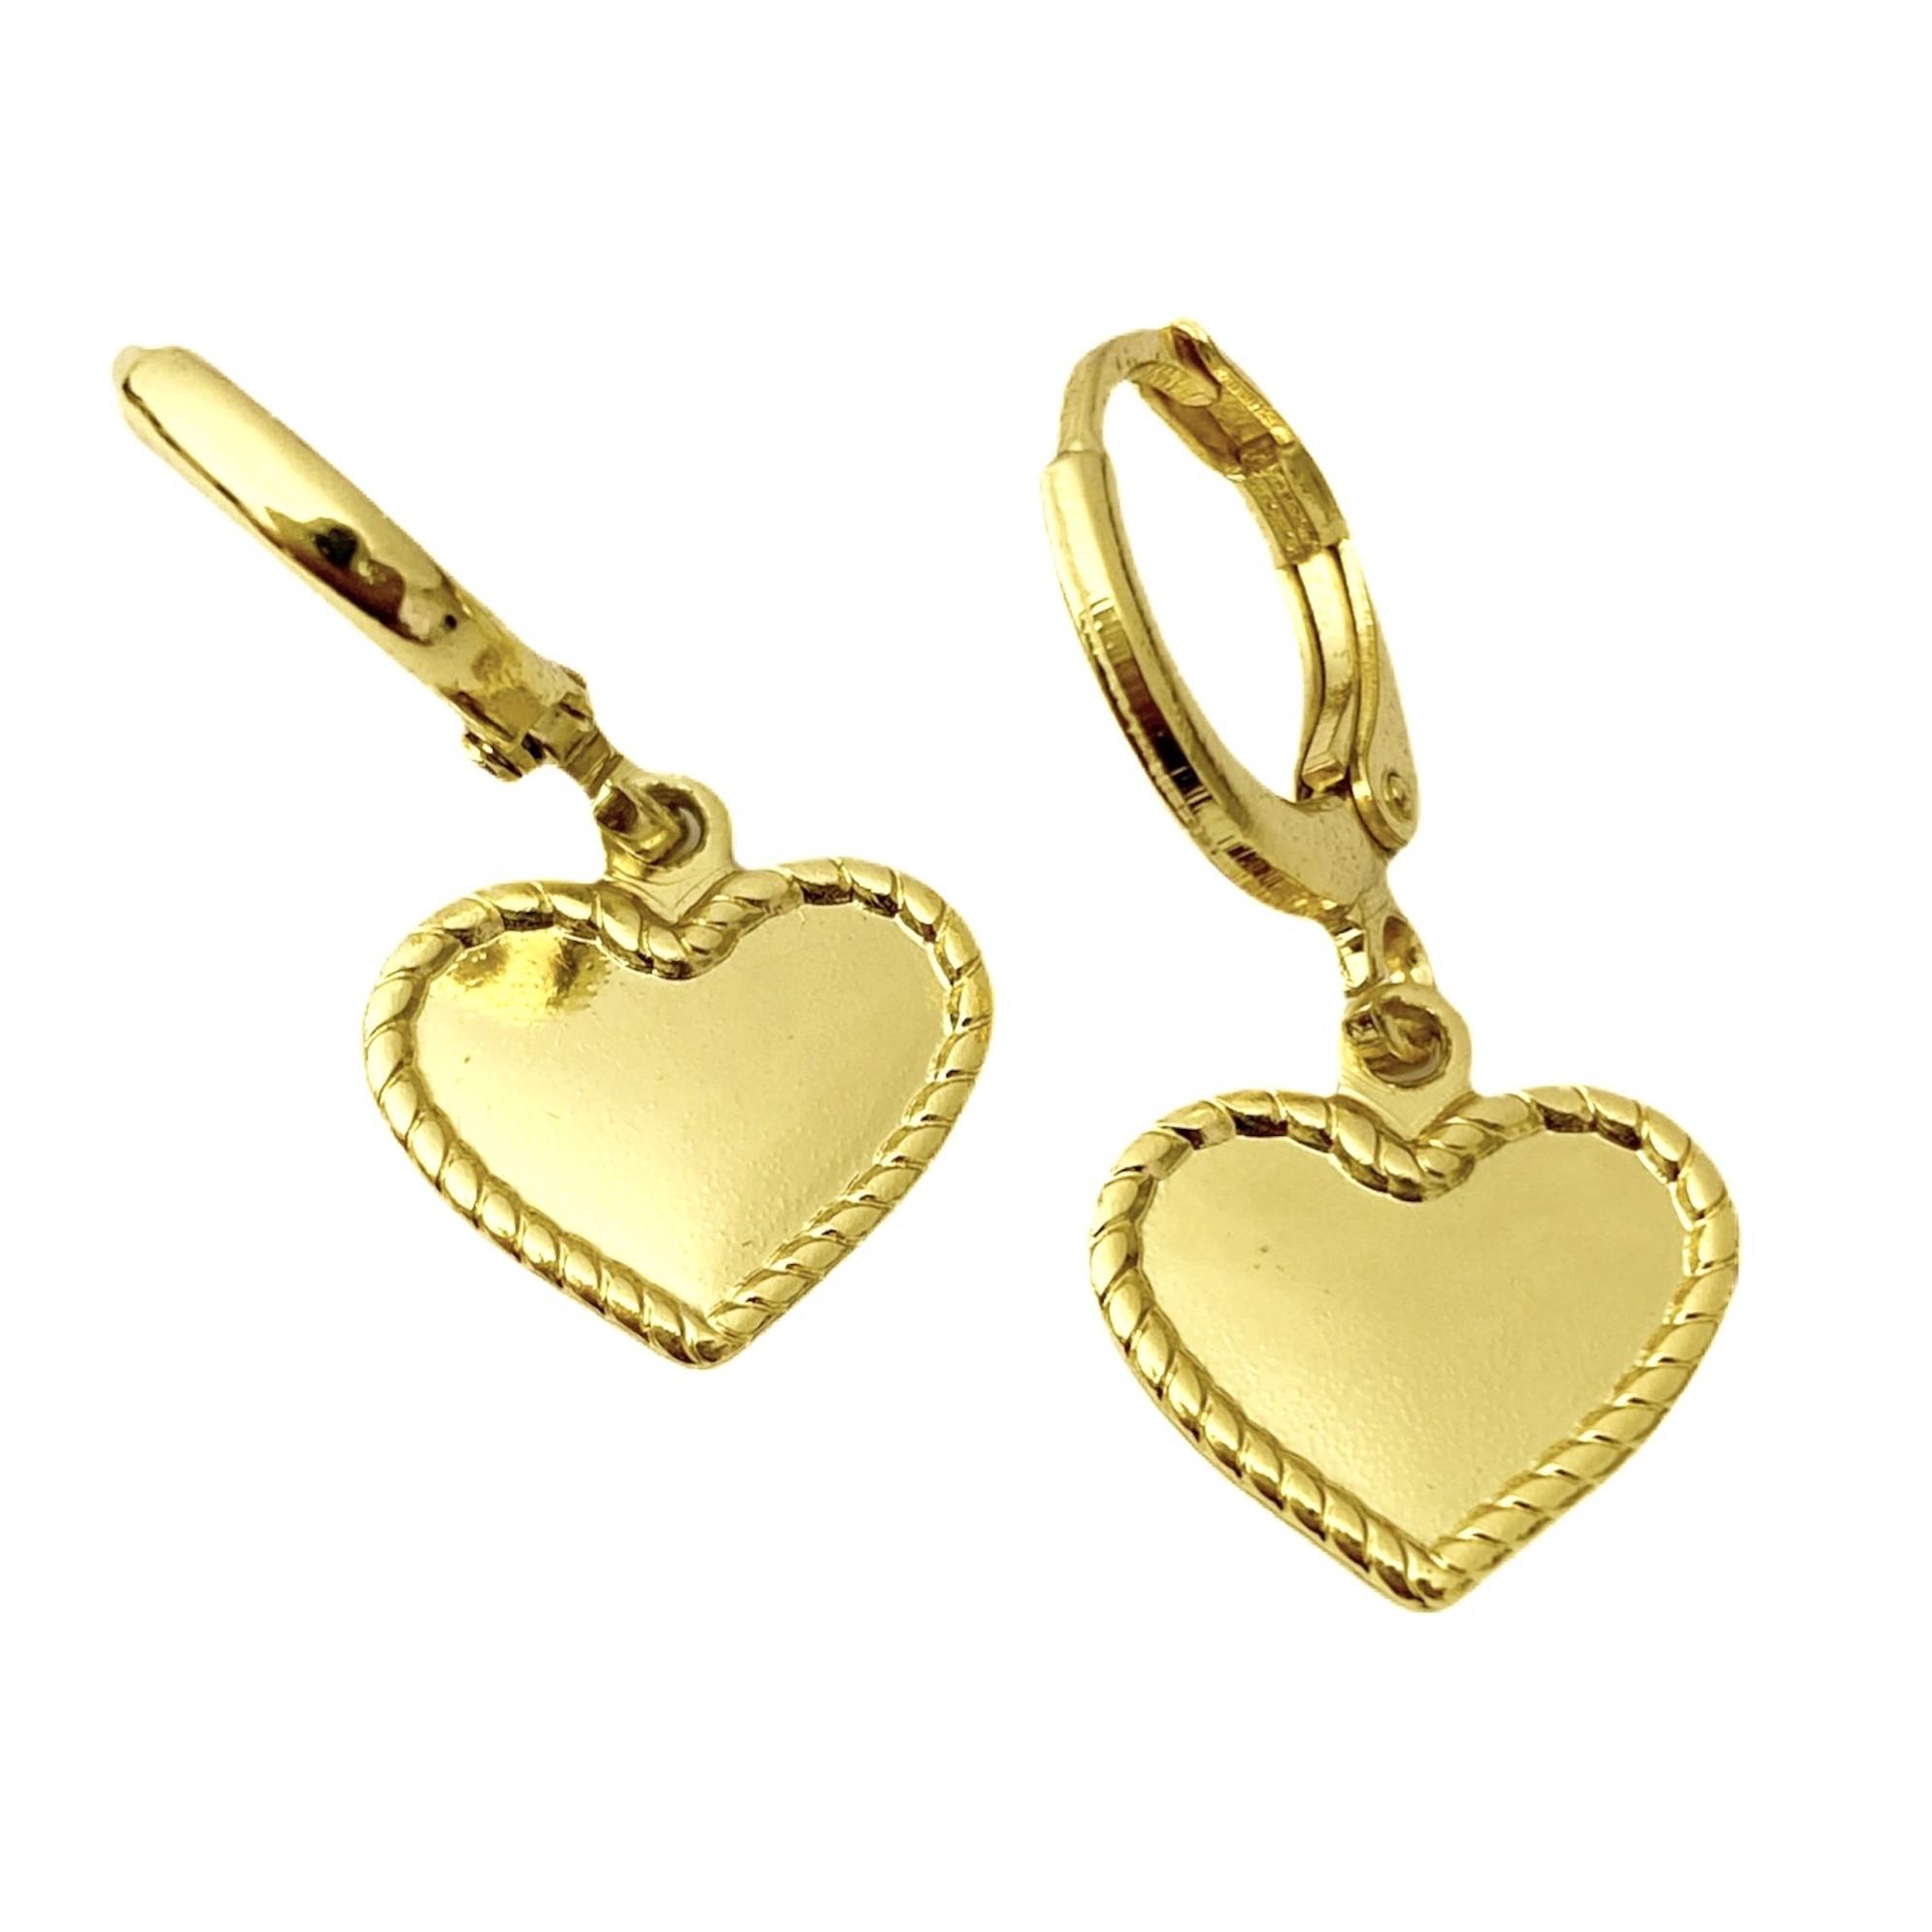 Brinco Argola Coração (Banho Ouro 24k)